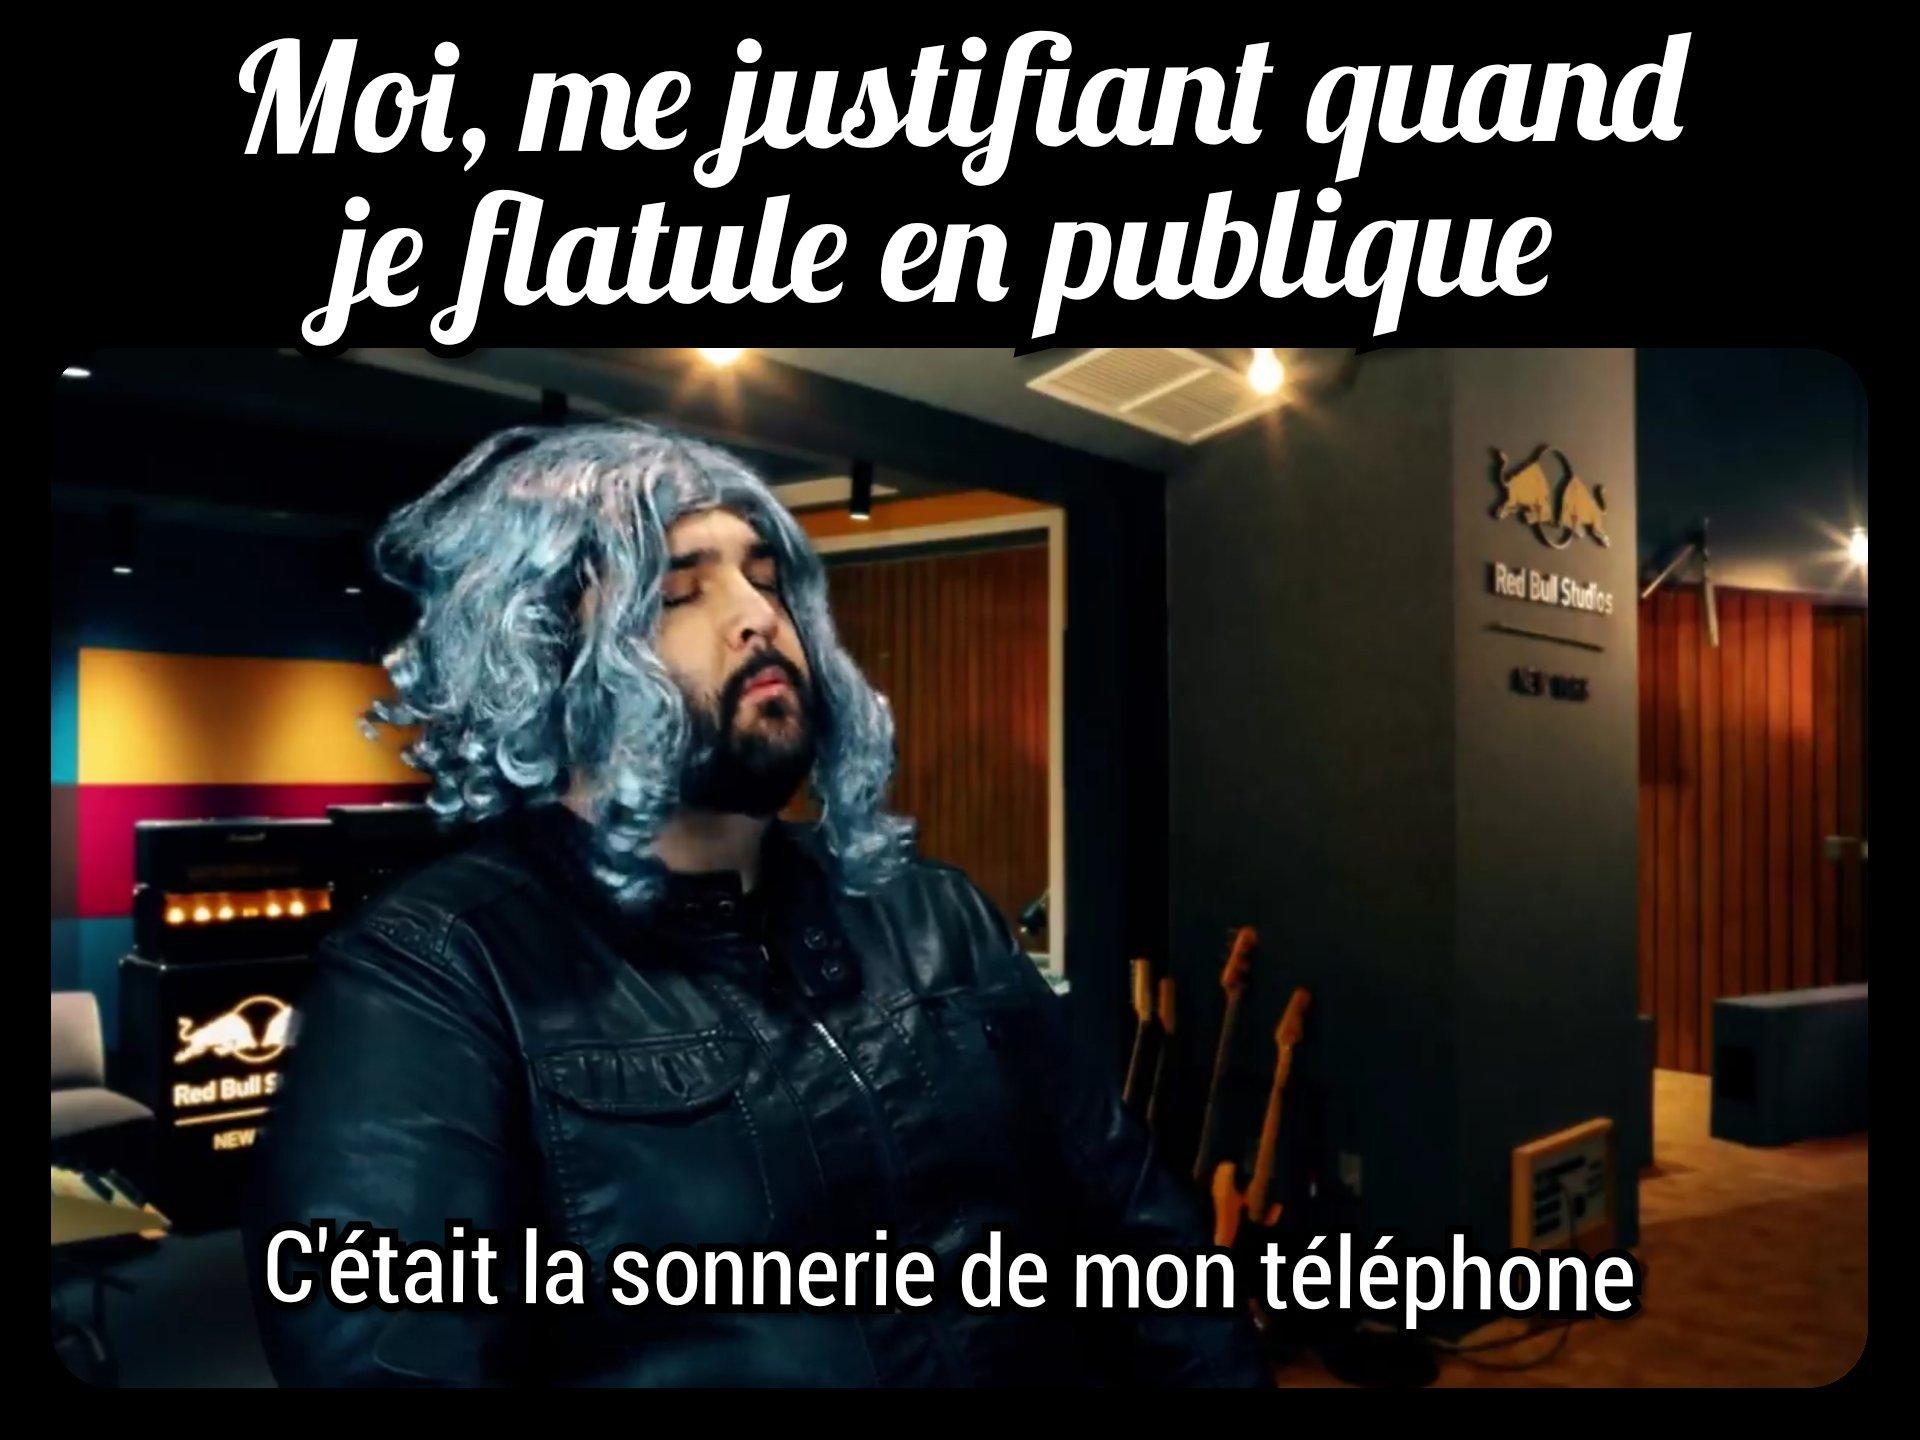 Jean Michel Prétexte - meme